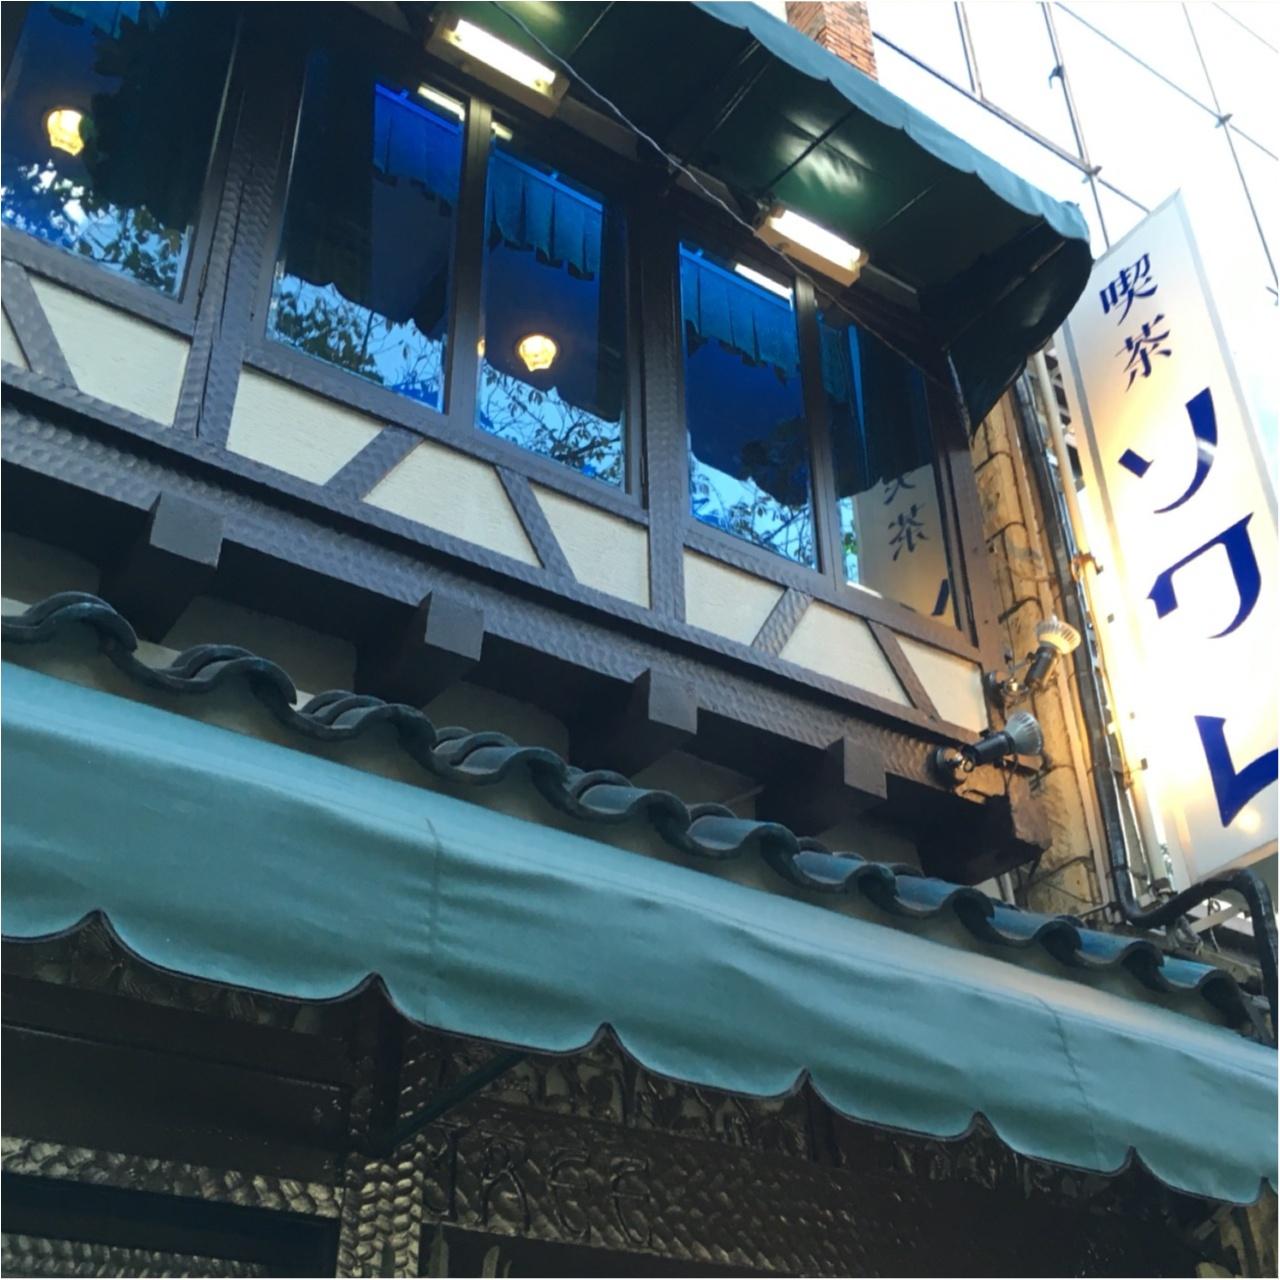 そうだ!京都へ行こう!♡きらきらカラフルなゼリーポンチがフォトジェニックでかわいすぎる♡_1